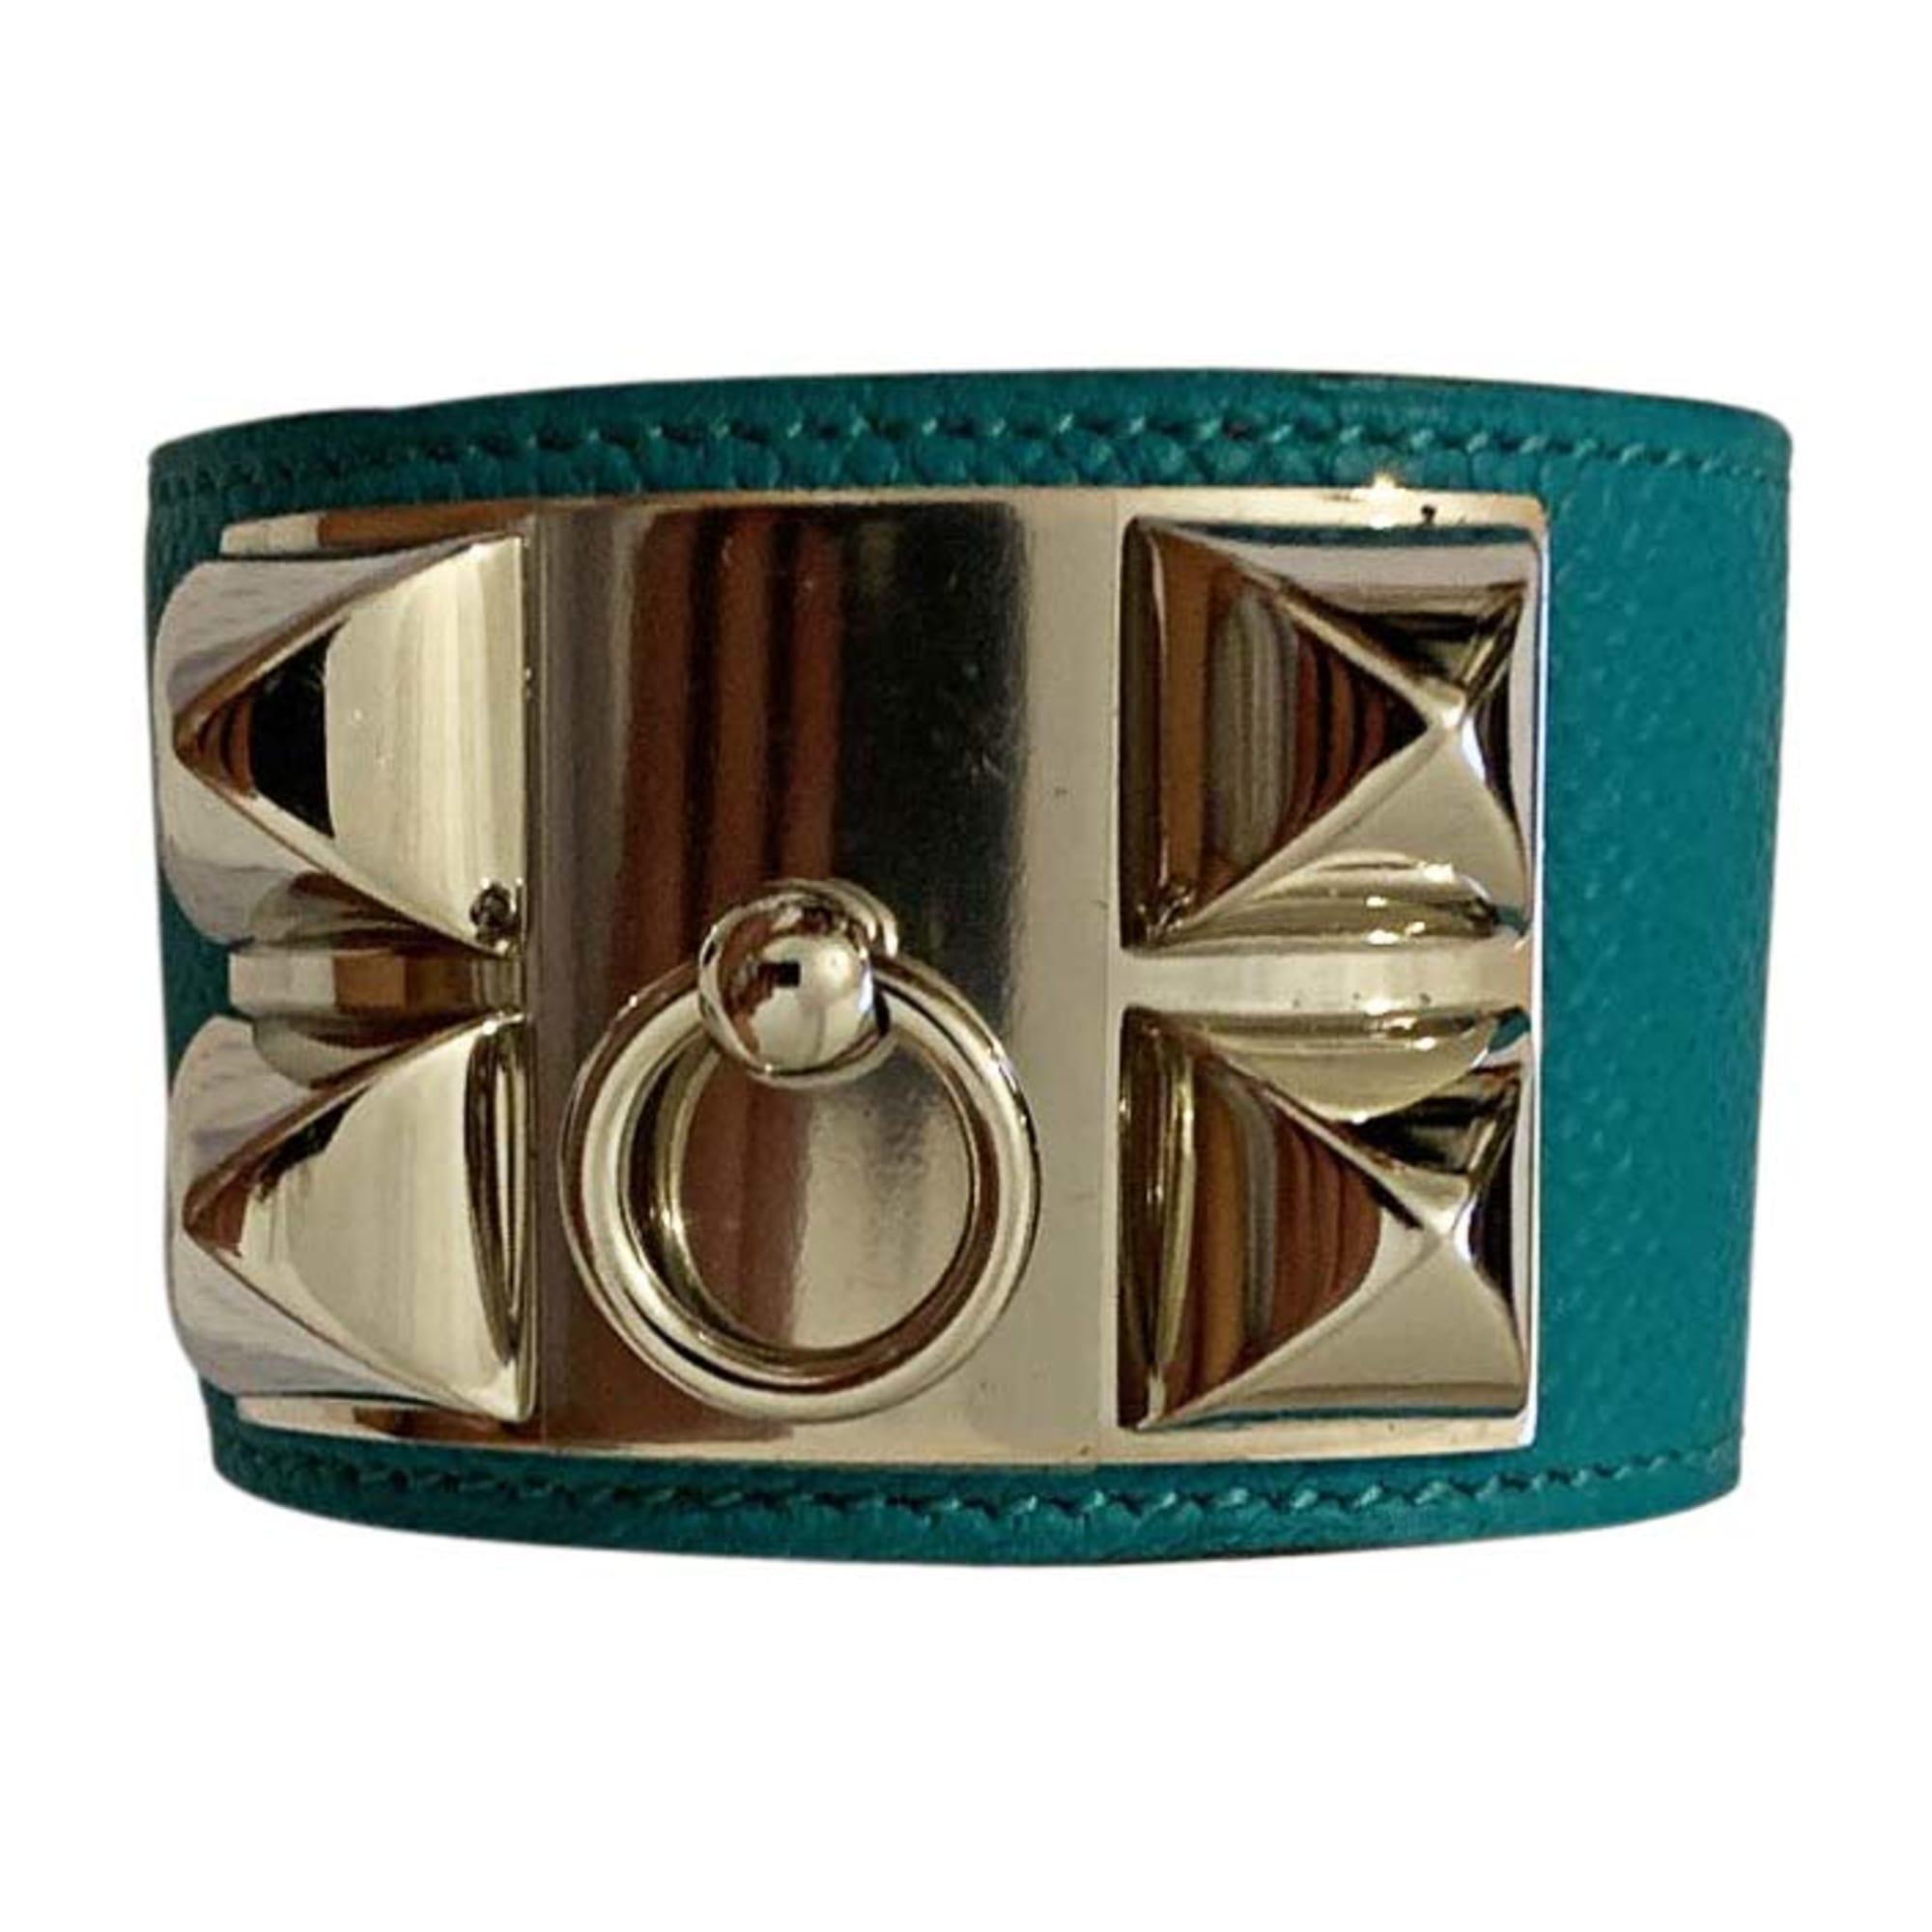 Bracelet HERMÈS Collier de Chien Bleu, bleu marine, bleu turquoise